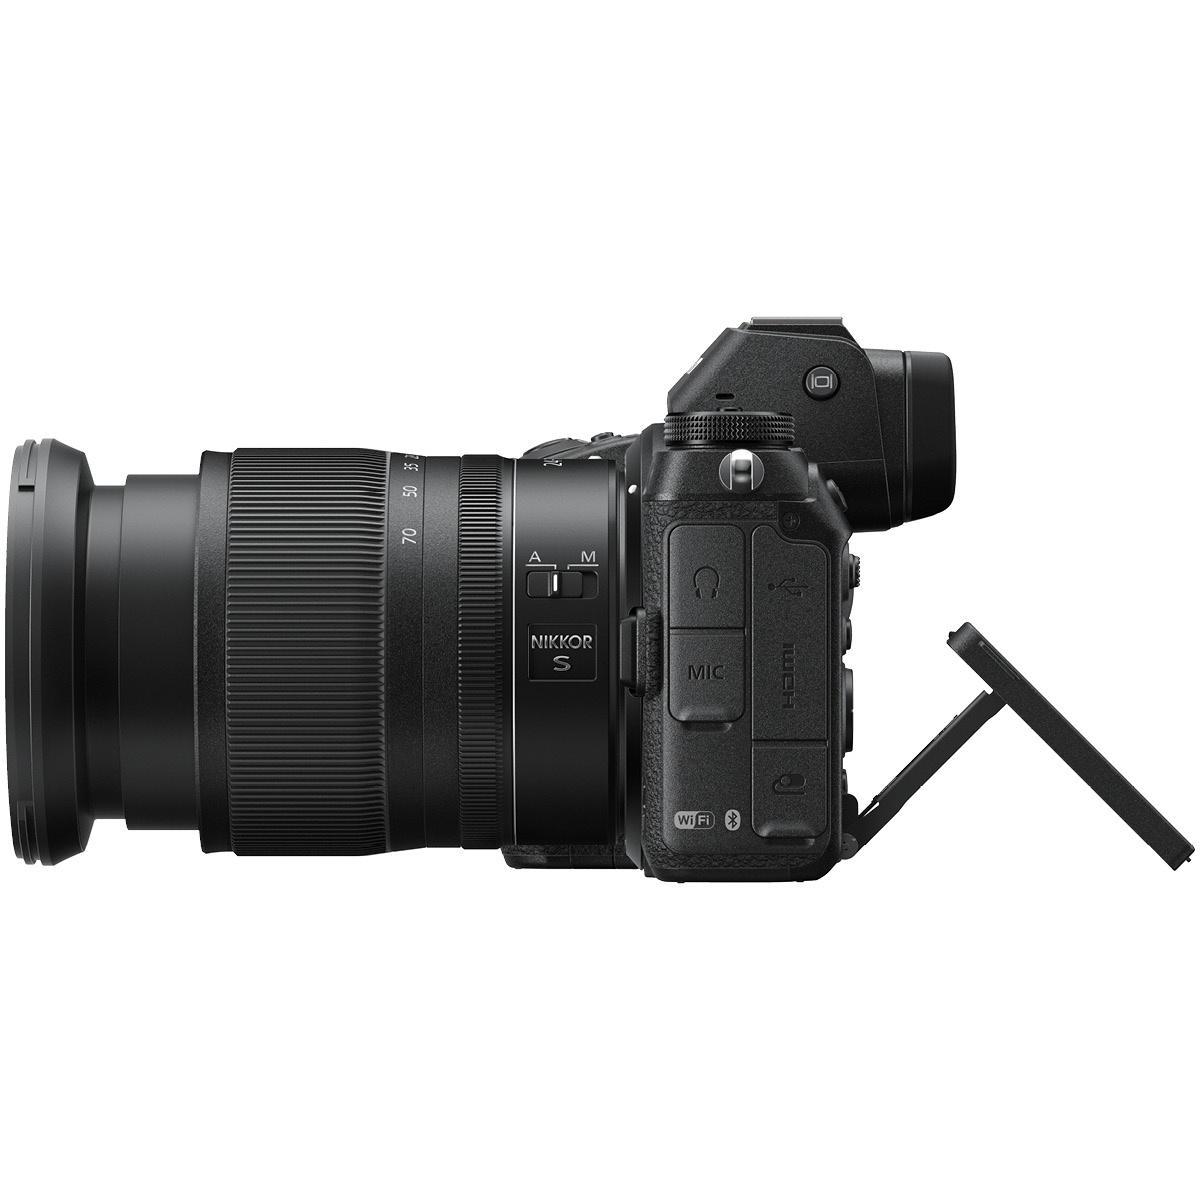 Nikon Z6 Kit mit 24-70 mm 1:4,0 + FTZ-Adapter